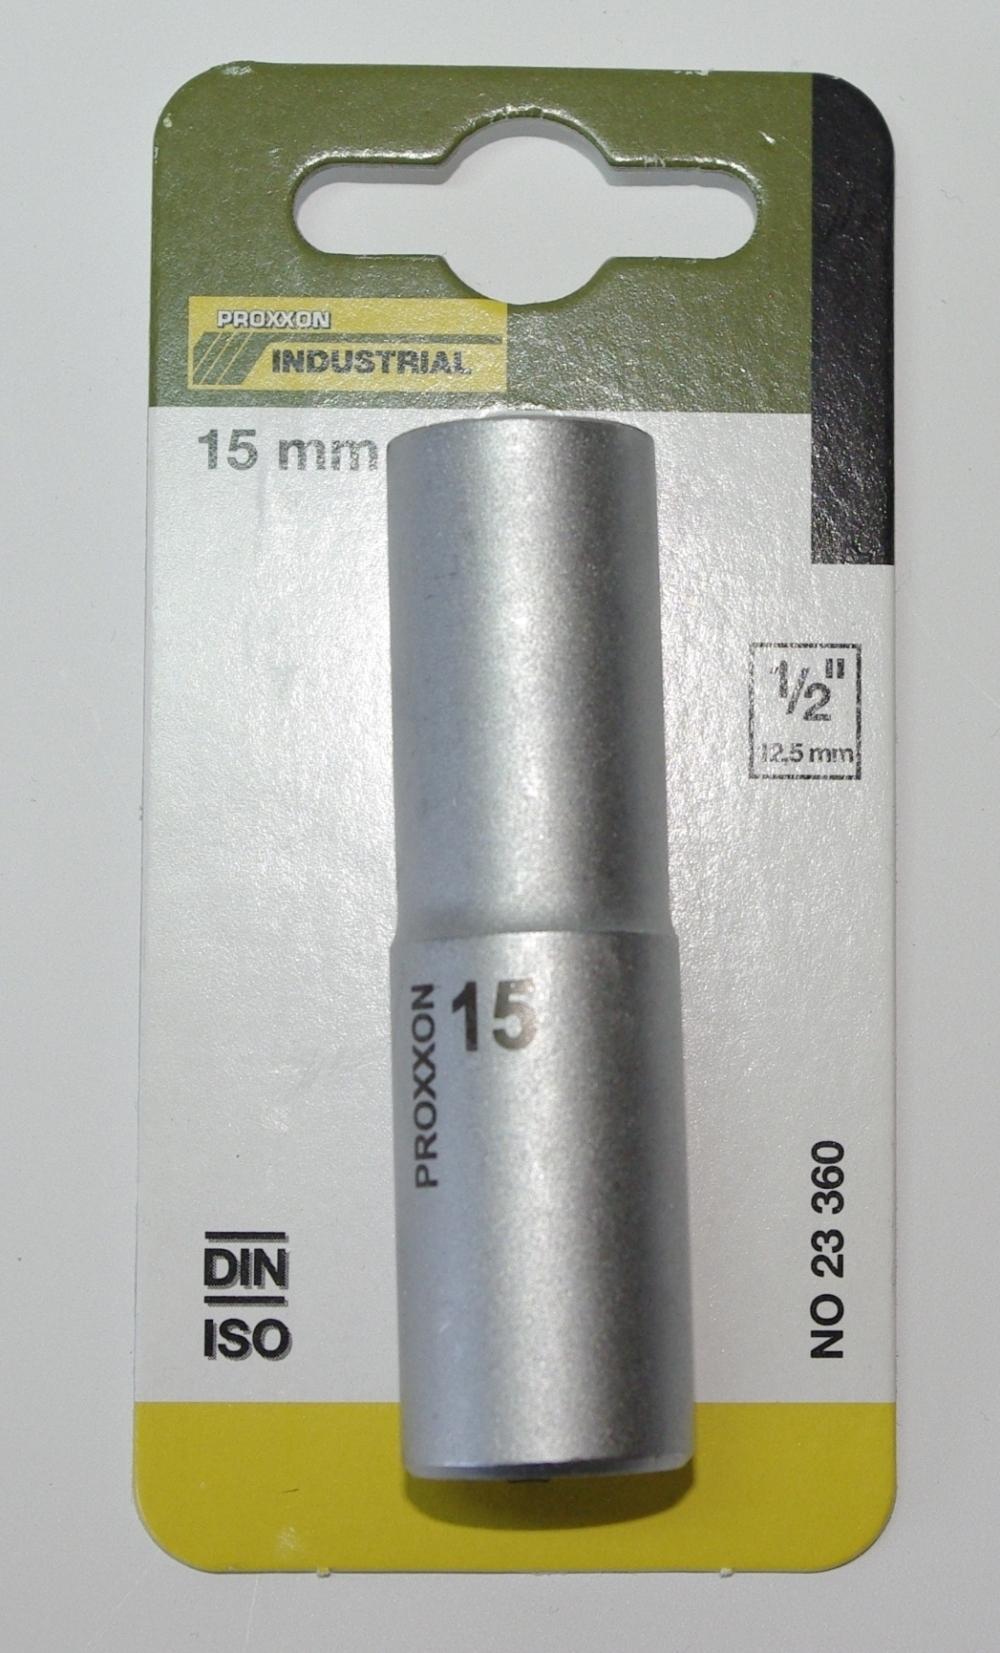 PROXXON 23361 Tiefbett Steckschlüsseleinsatz / Nuss 16mm Antrieb 12,5mm (1/2')